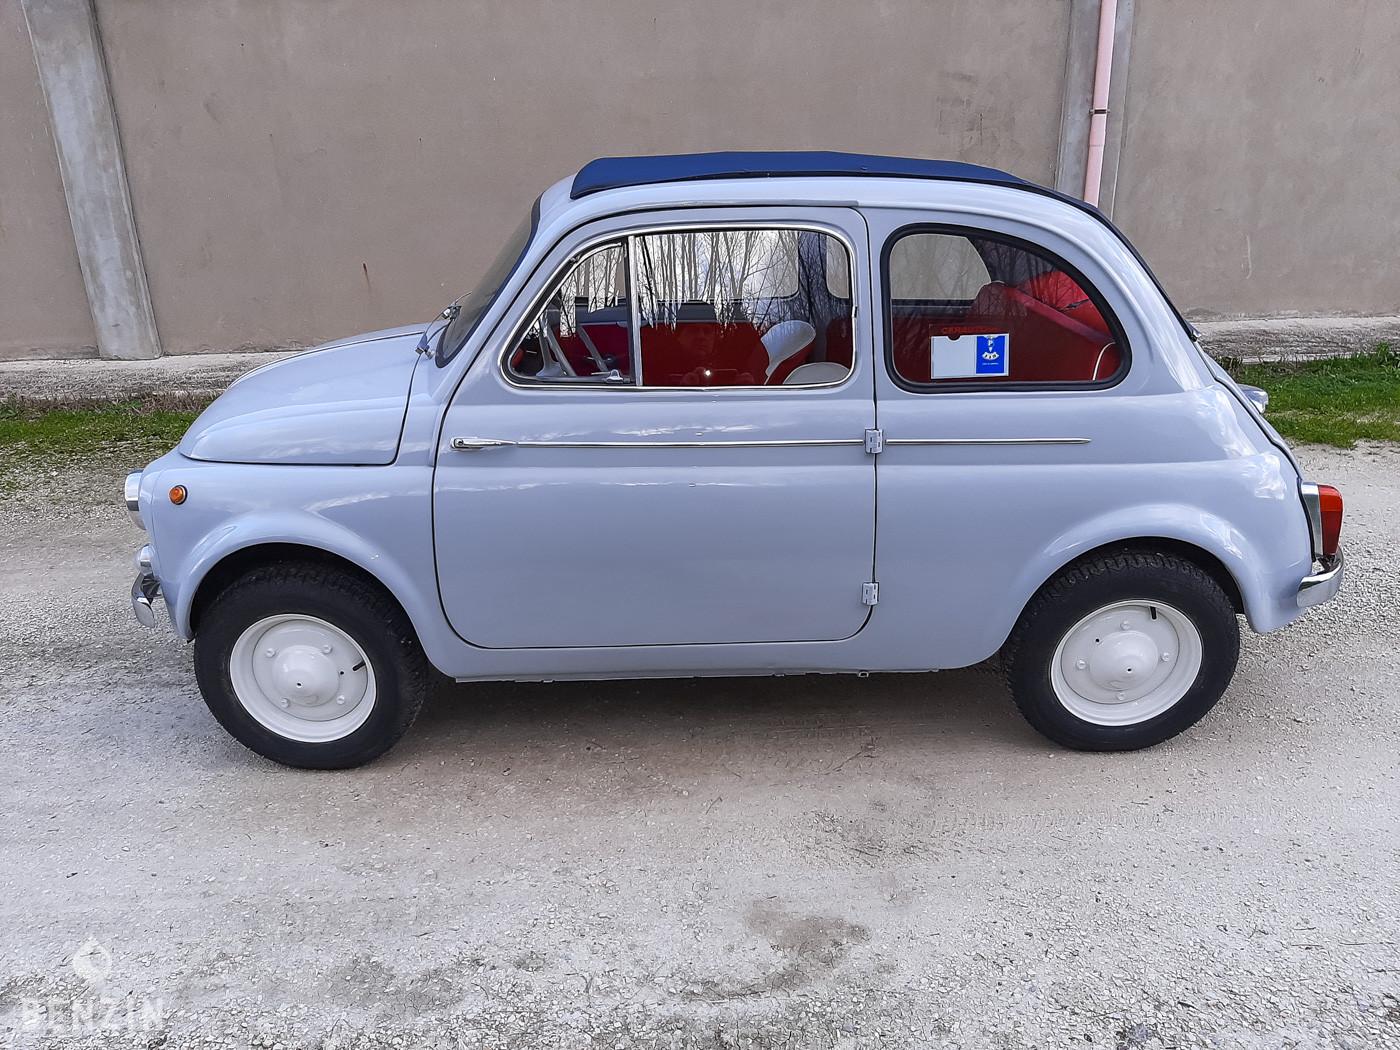 FIAT 500 D OCCASION A VENDRE FOR SALE EN VENTA IN VENDITA FOR SALE ZU VERKAUFEN TE KOOP - 1961